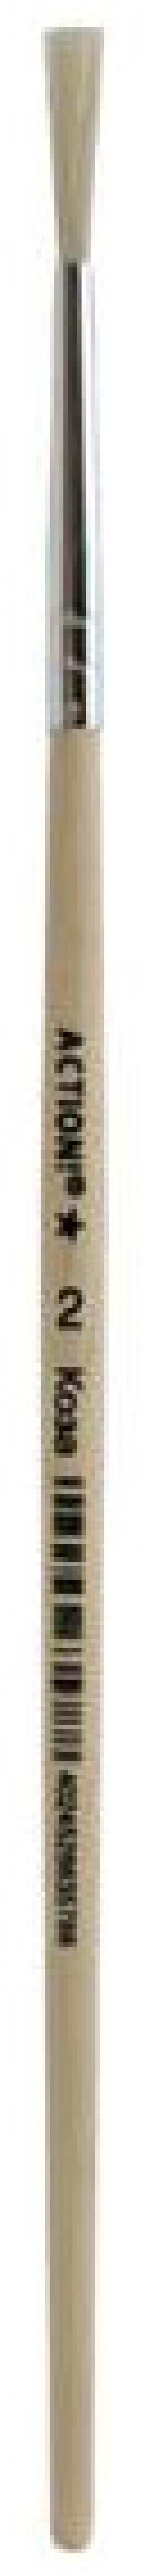 Кисть КОЗА, живописная, круглая, № 2 AB002GF